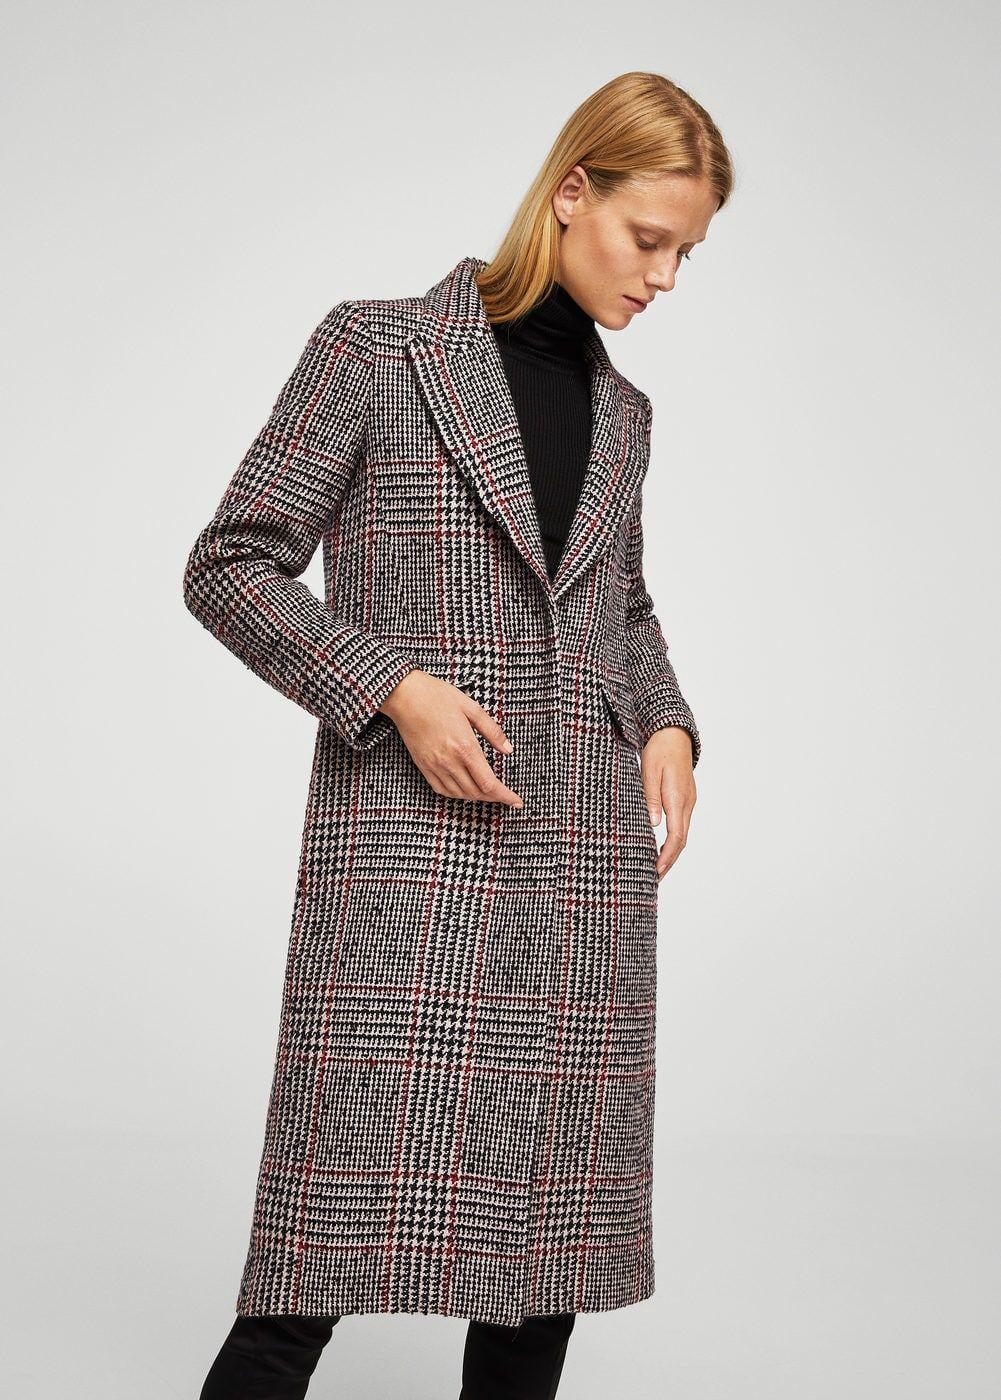 Abrigo lana cuadros - Mujer en 2019  f063e934e23